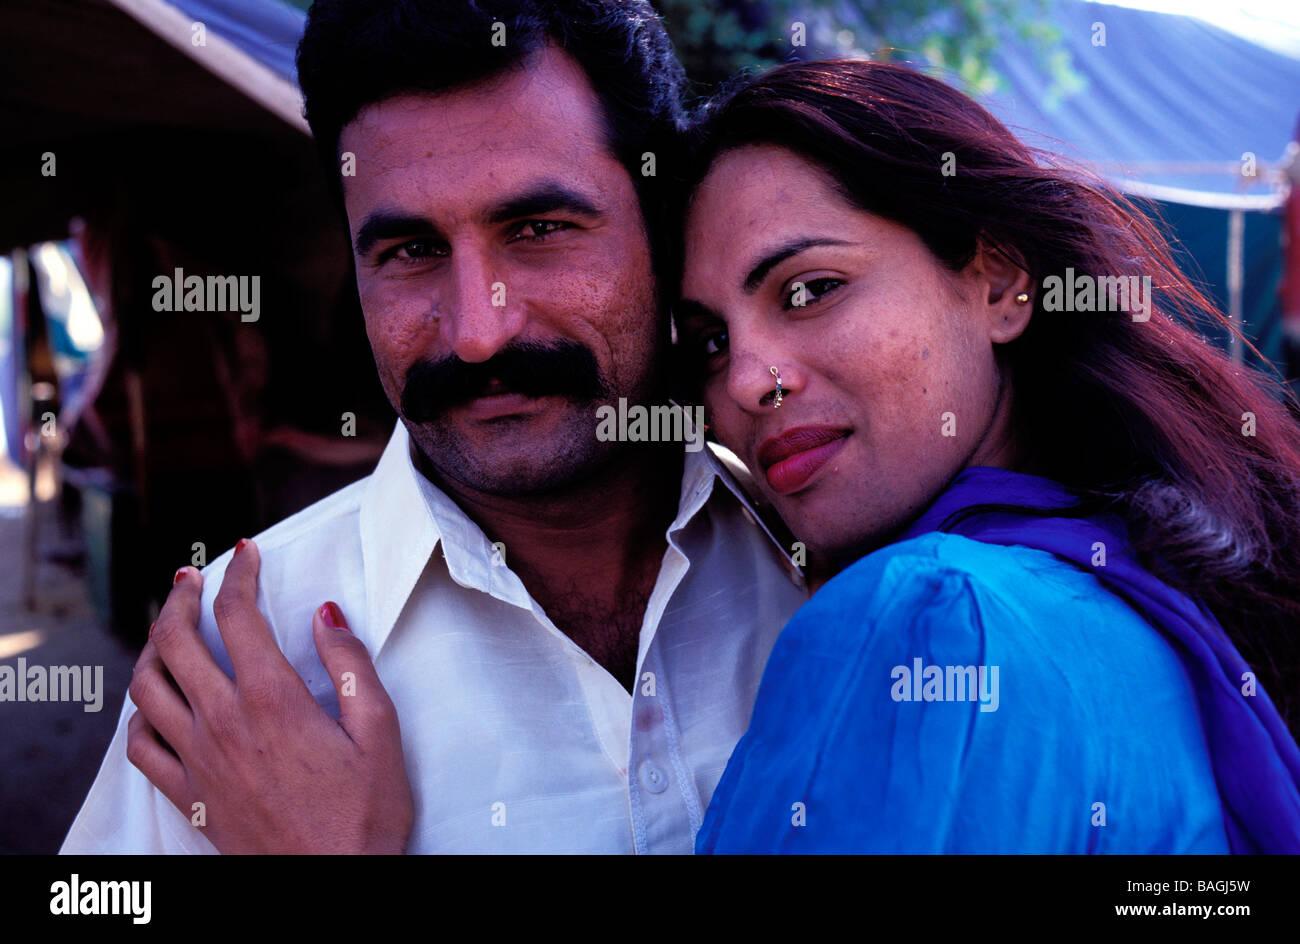 Hijra dating men for dating